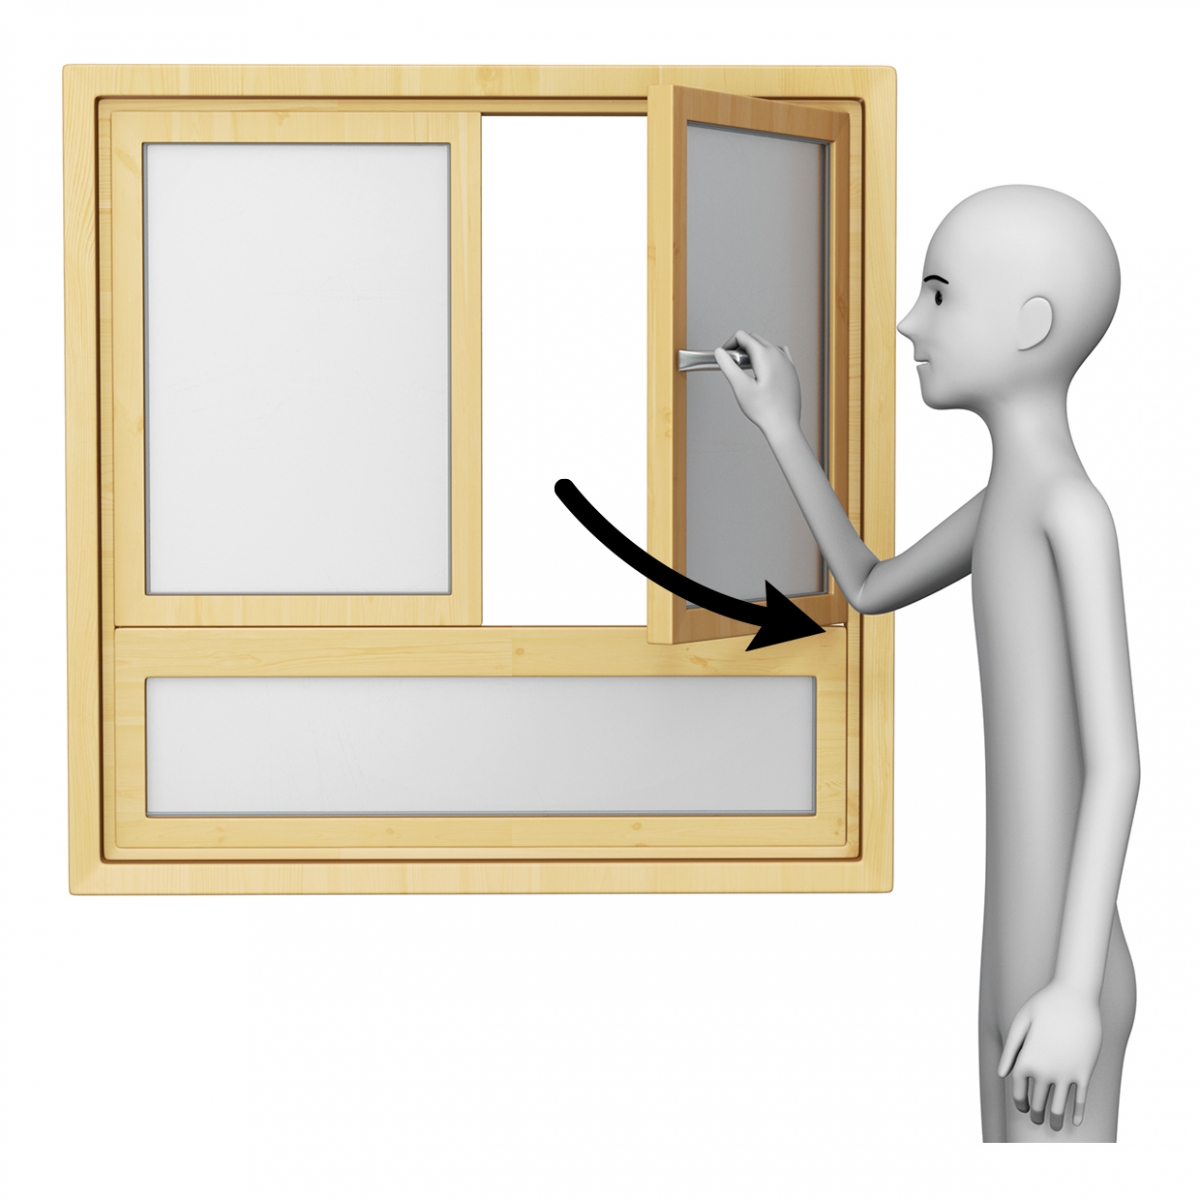 Imagen en la que aparece una persona abriendo una ventana